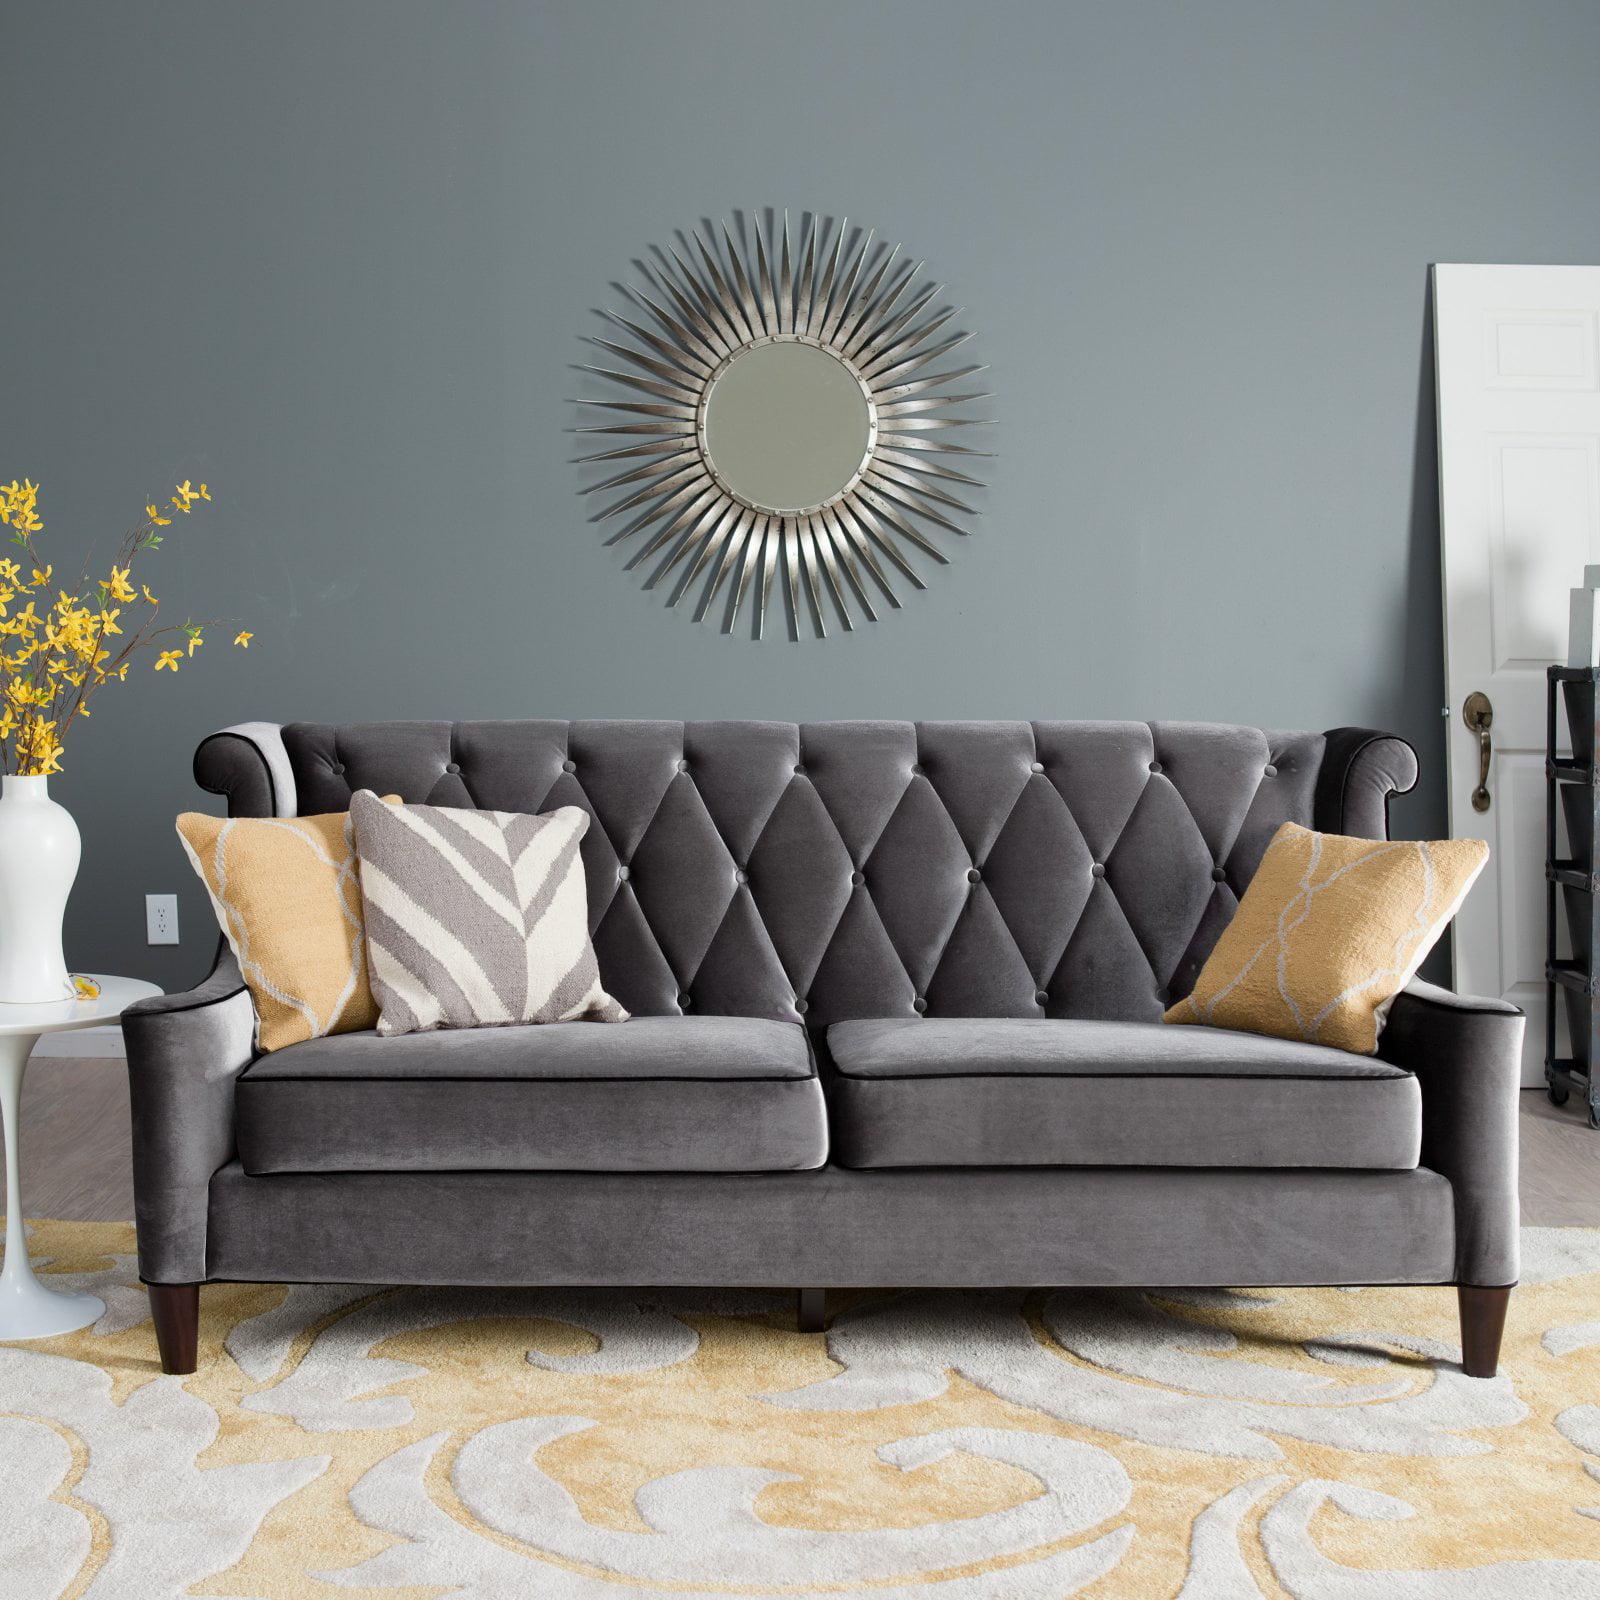 Armen Living Barrister Sofa Gray Velvet With Black Piping Walmart Com